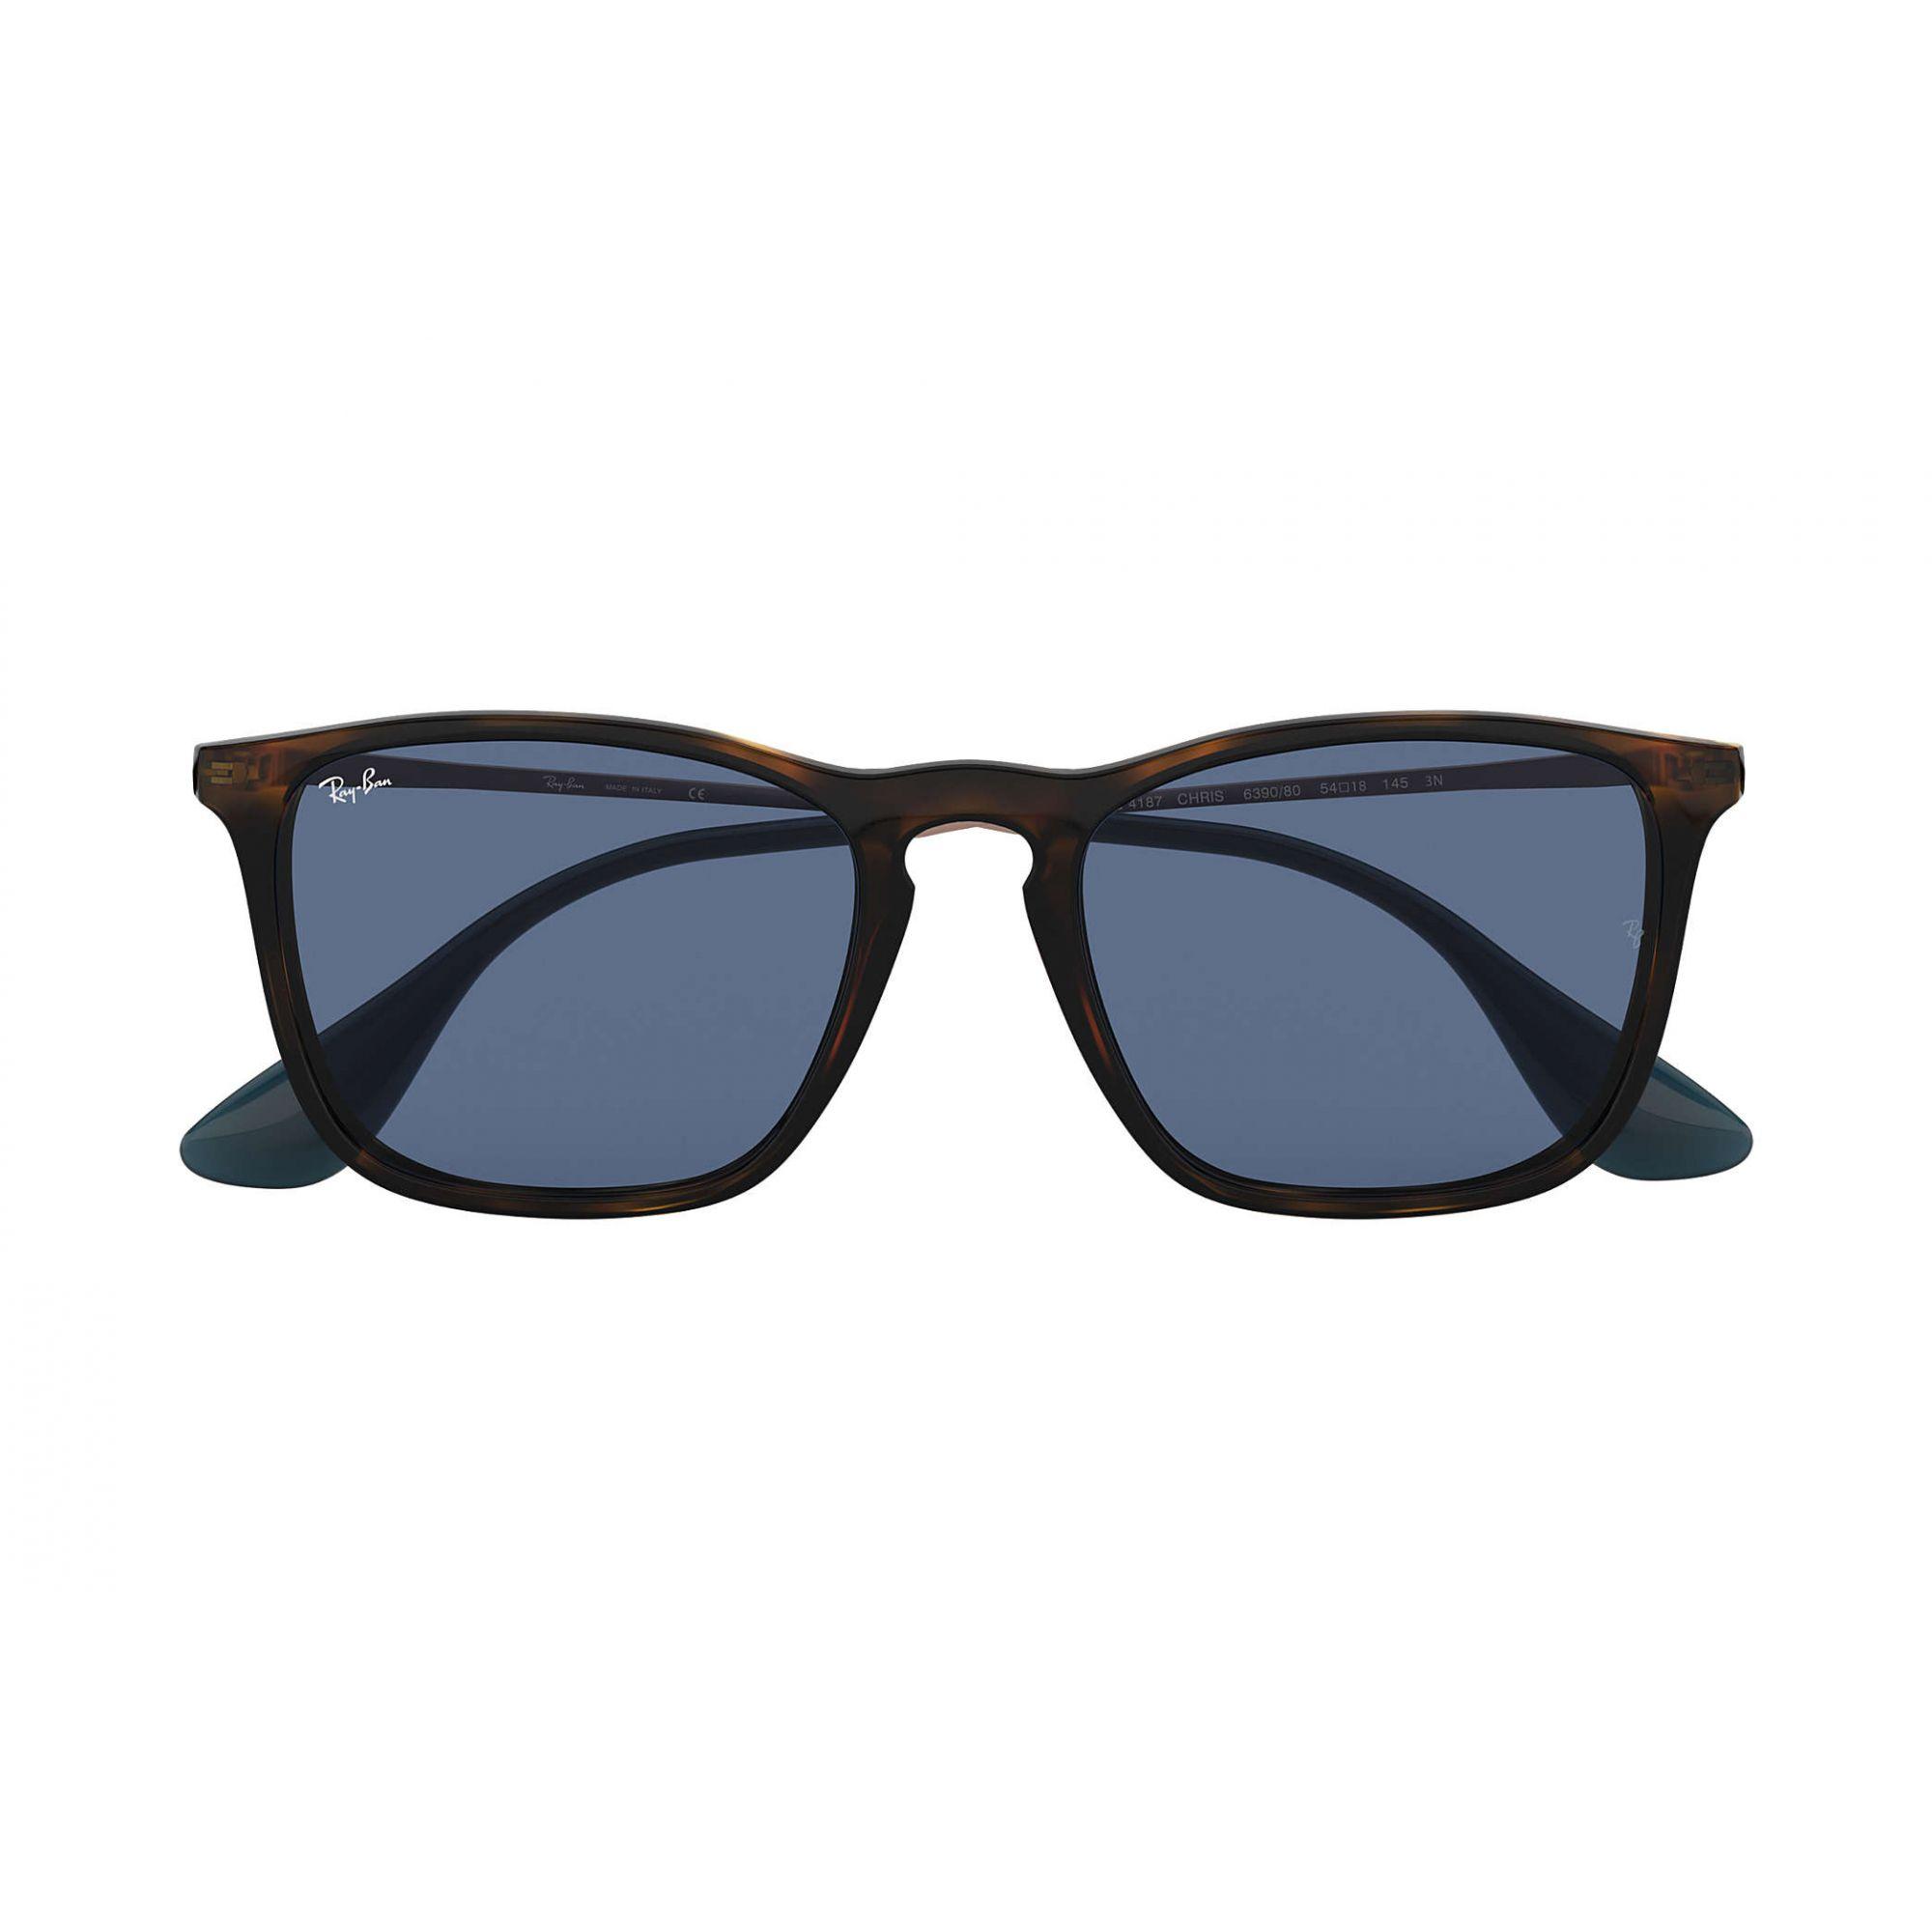 Ray Ban - RB4187 63908054 - Óculos de sol